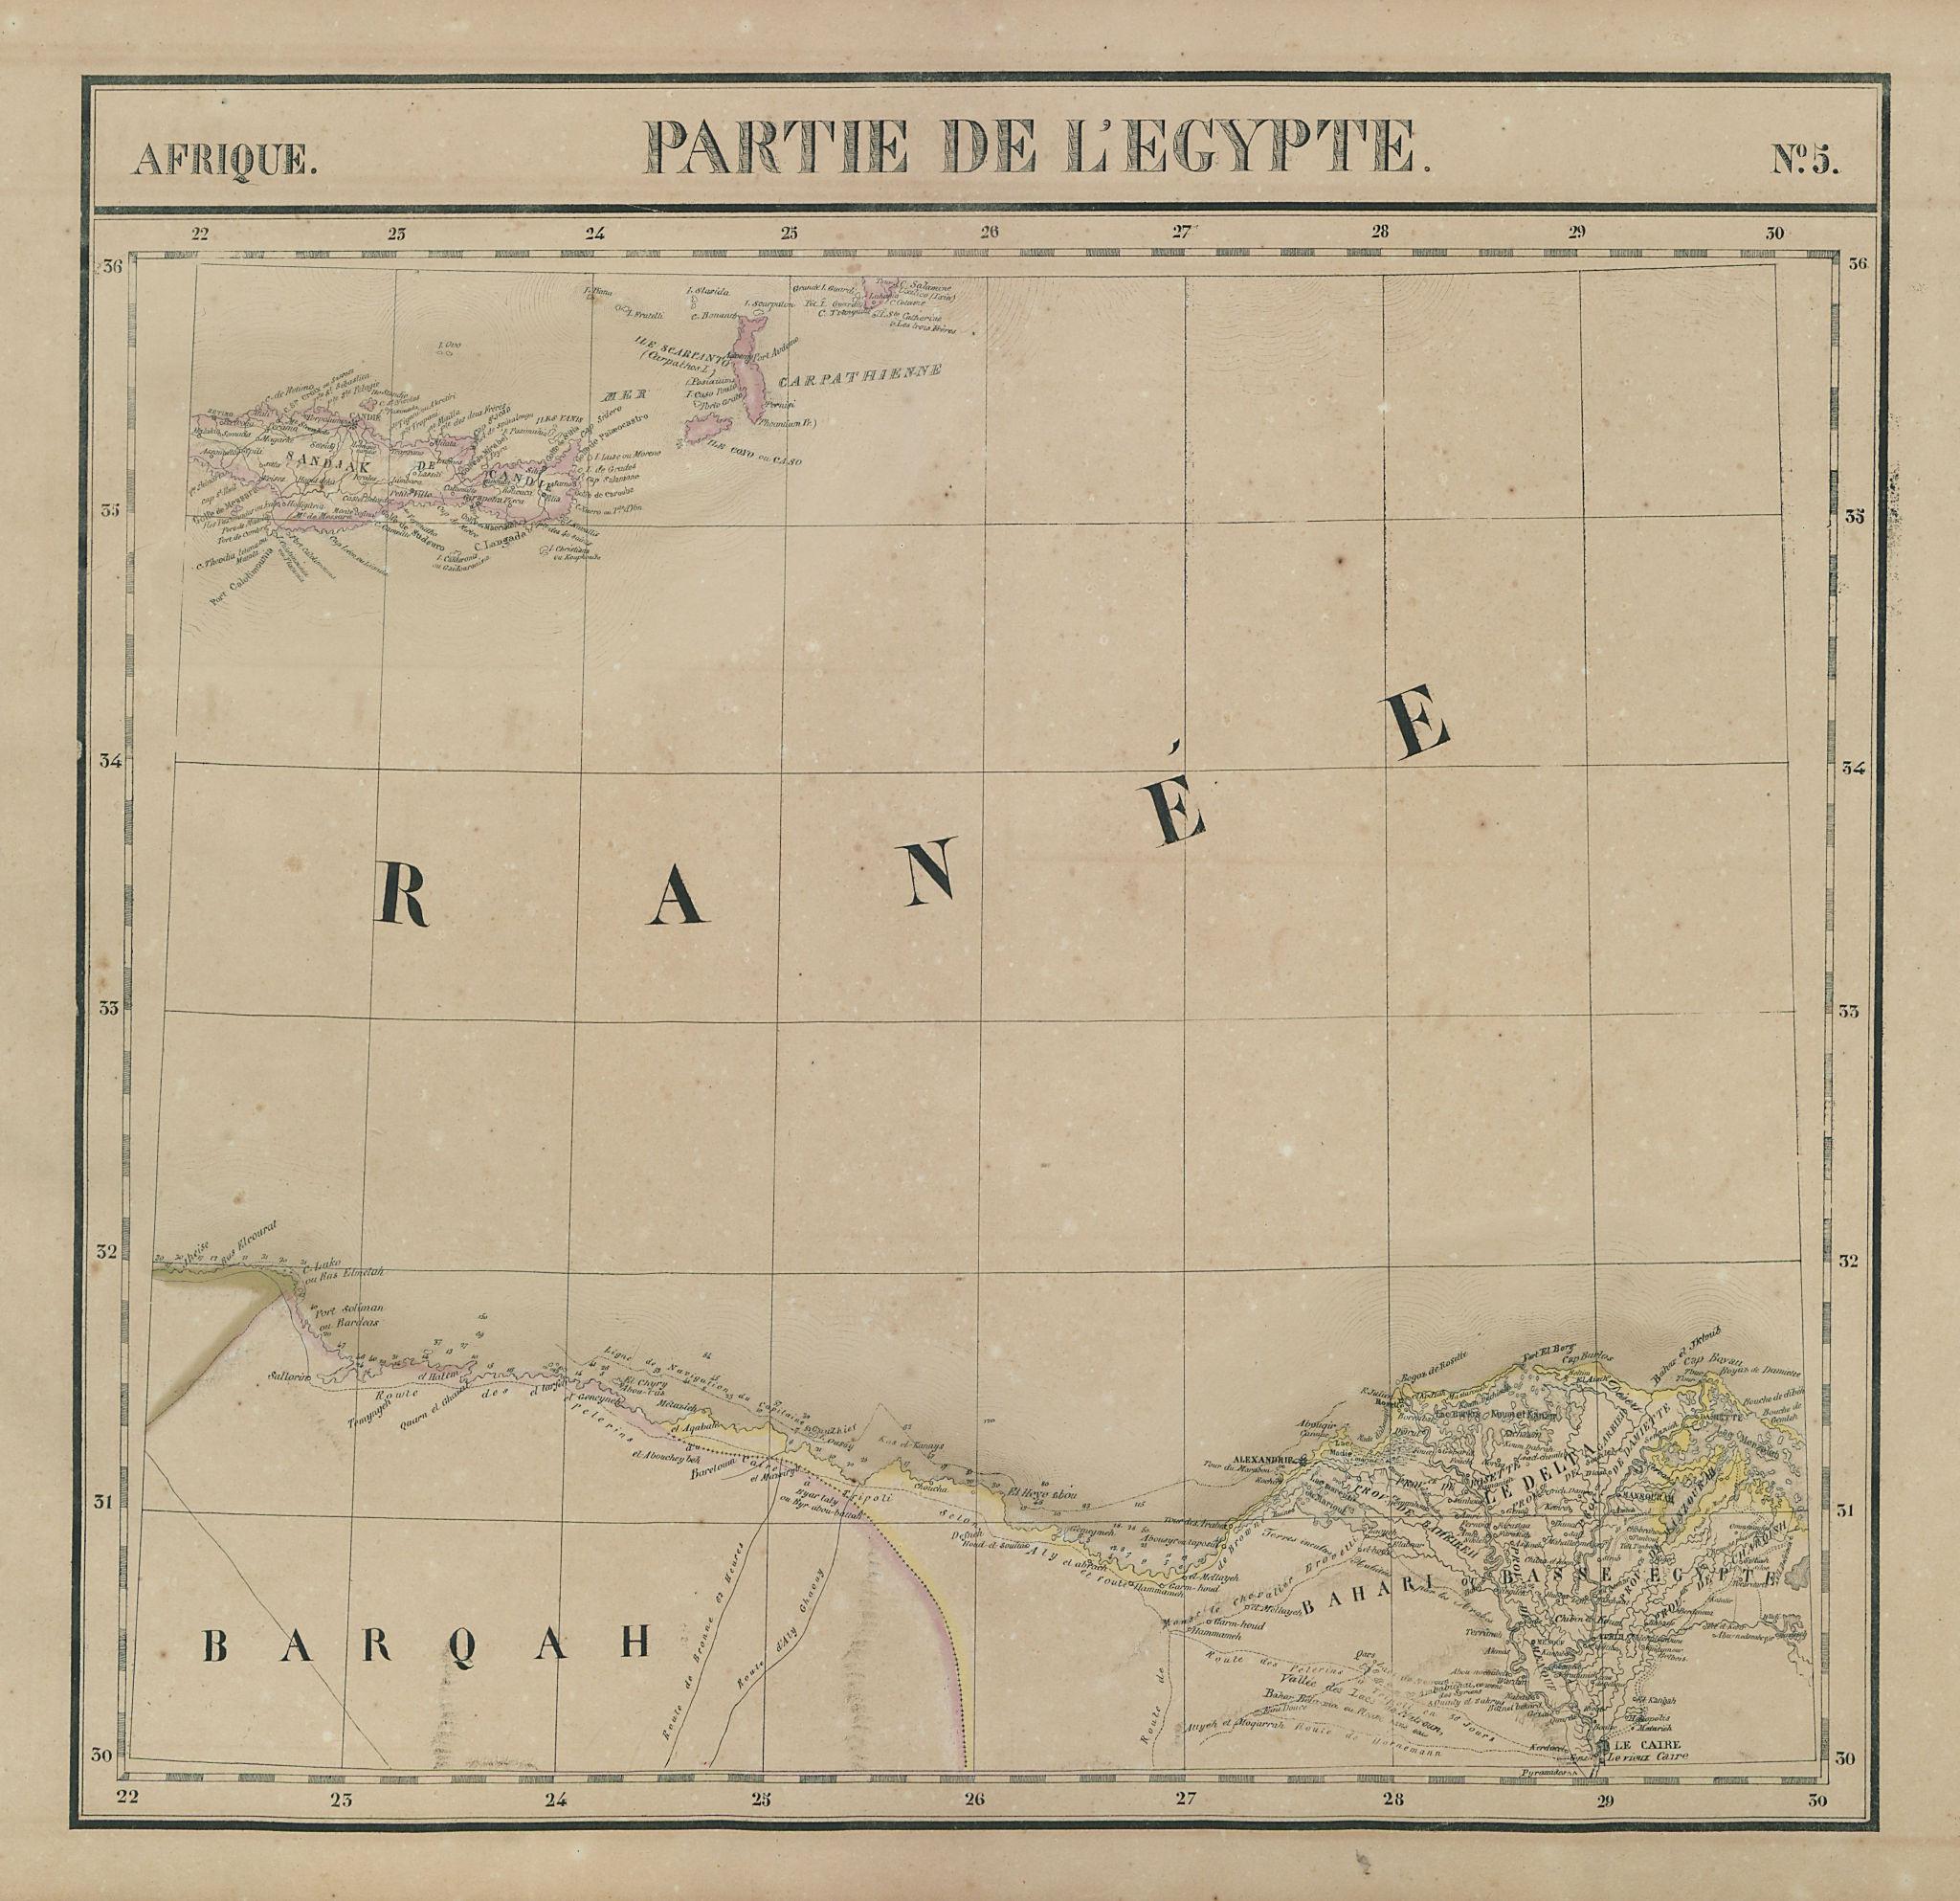 Afrique. Partie de l'Egypte #5 Nile delta. Crete Karpathos VANDERMAELEN 1827 map